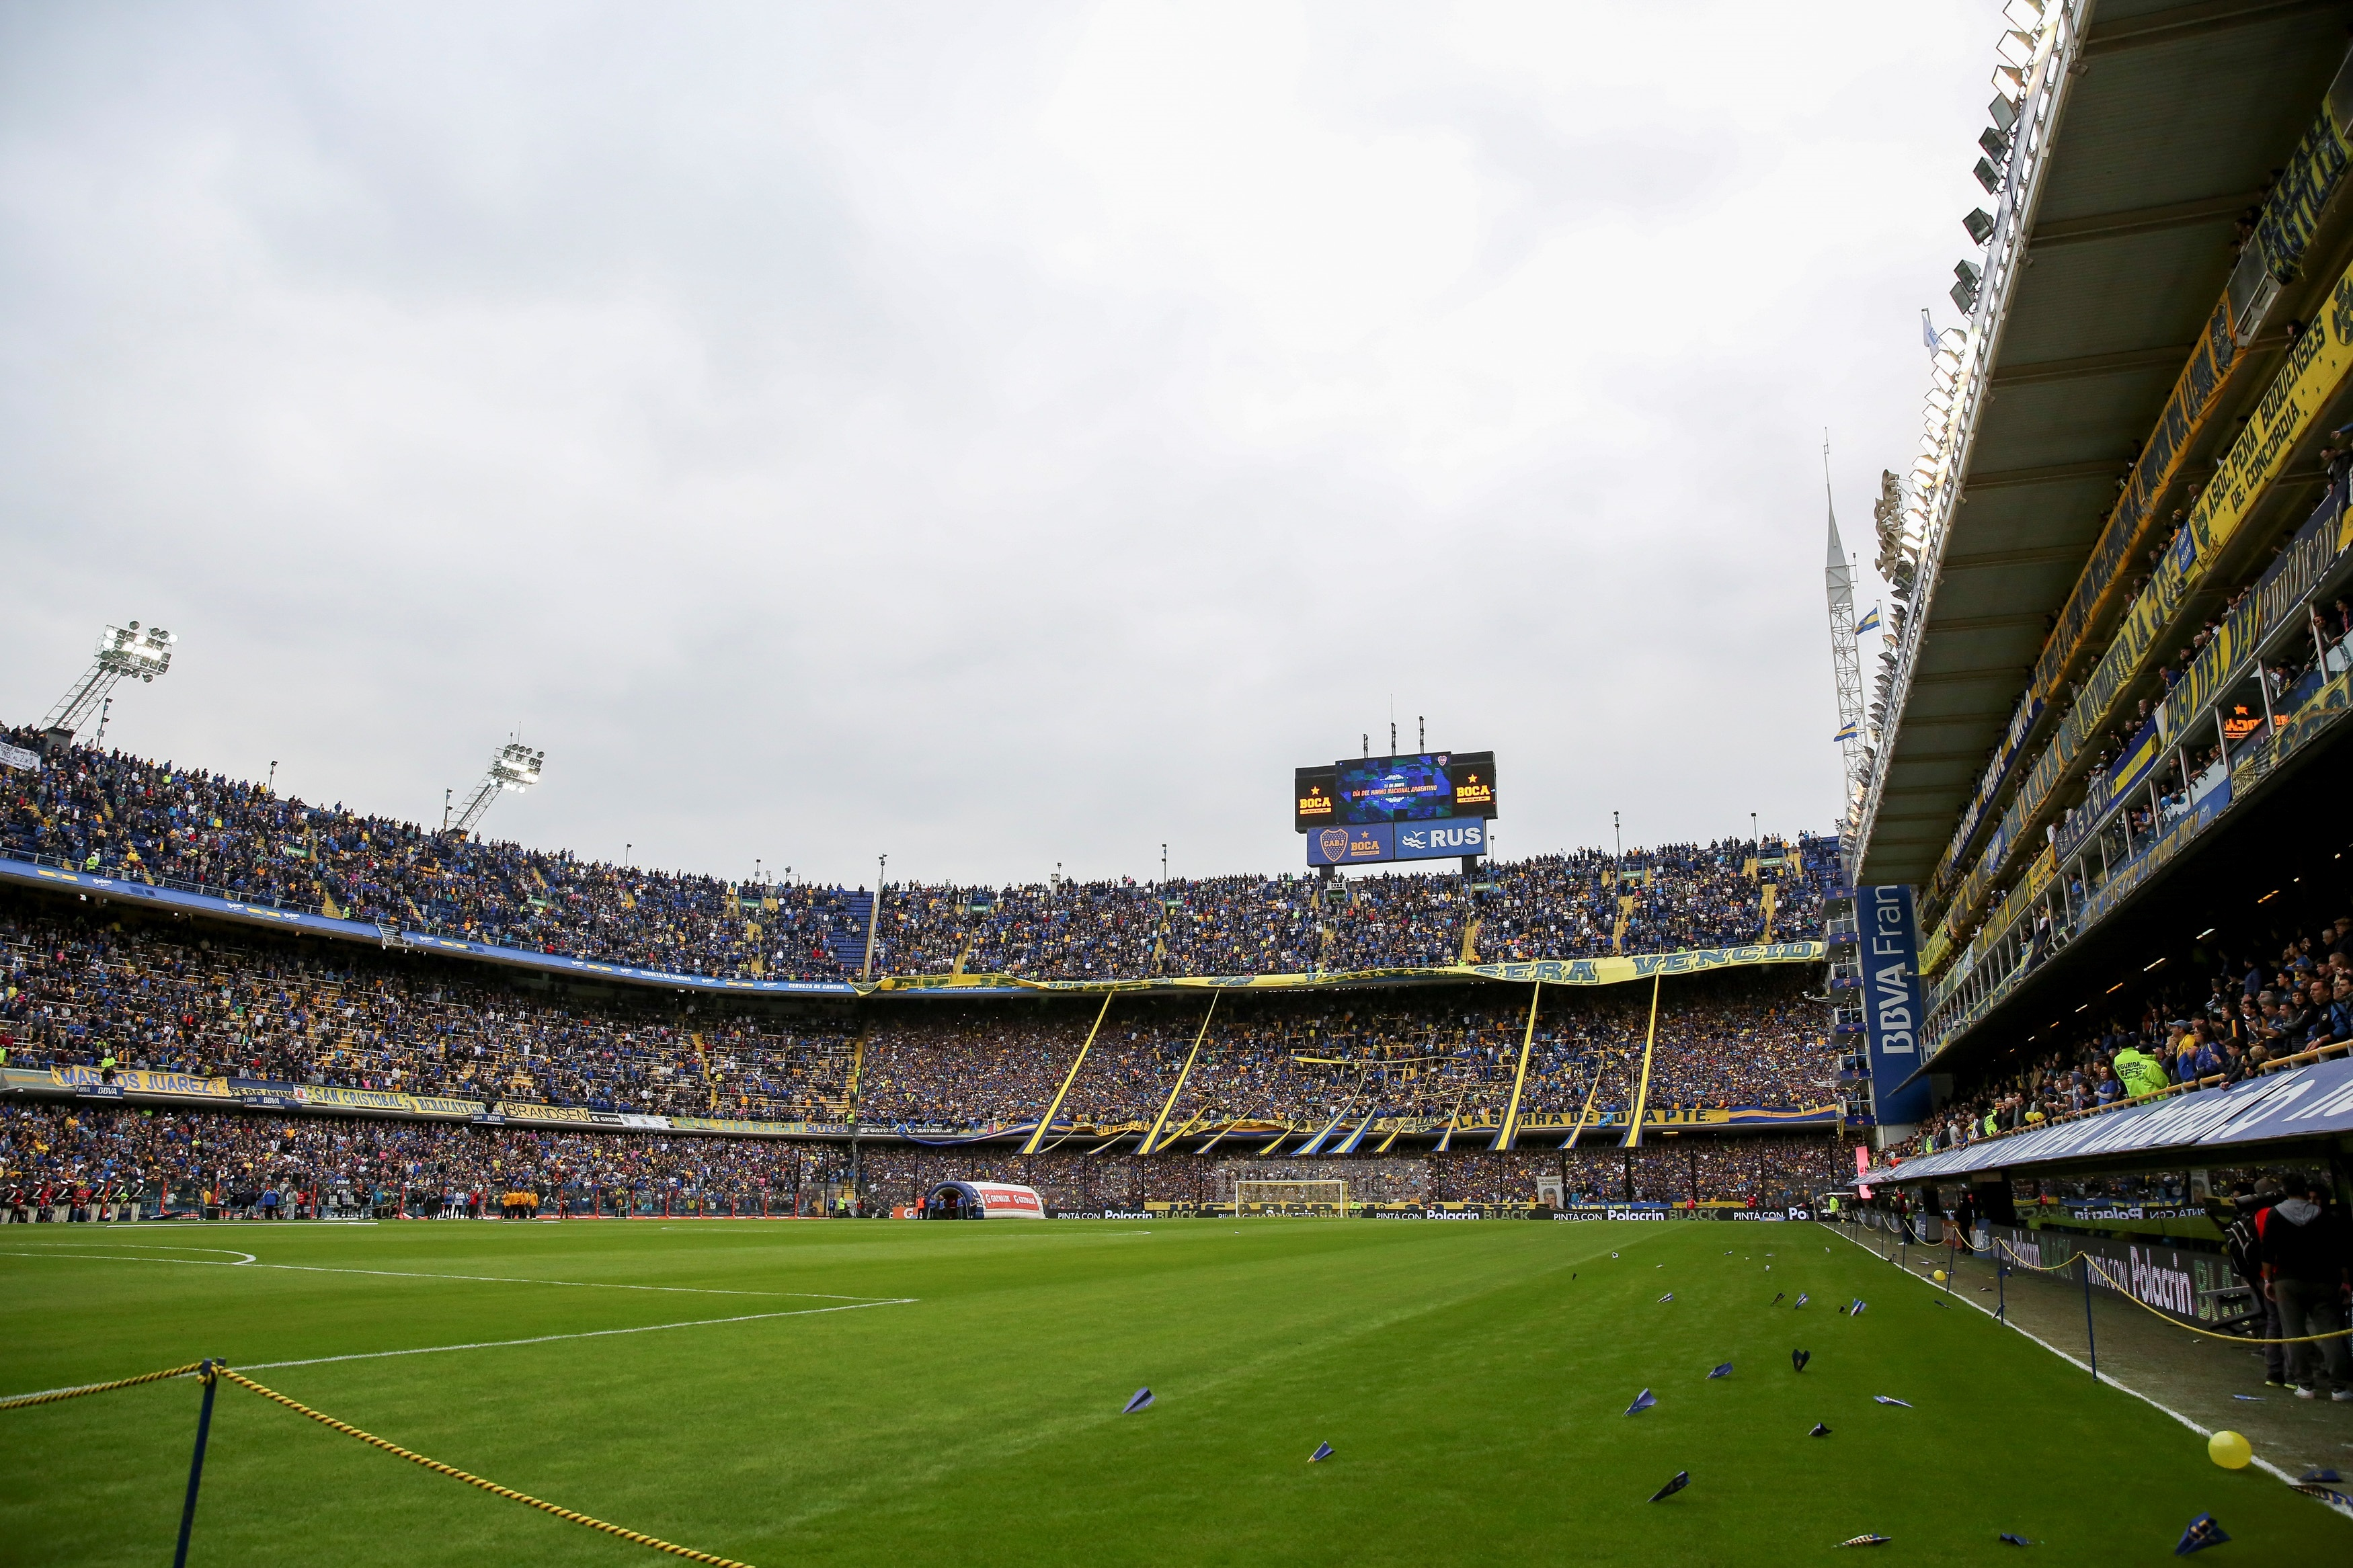 PUESTO 9 - 139 PARTIDOS / Estadio La Bombonera de la ciudad de Buenos Aires, Argentina (EFE/David Fernández/Archivo)